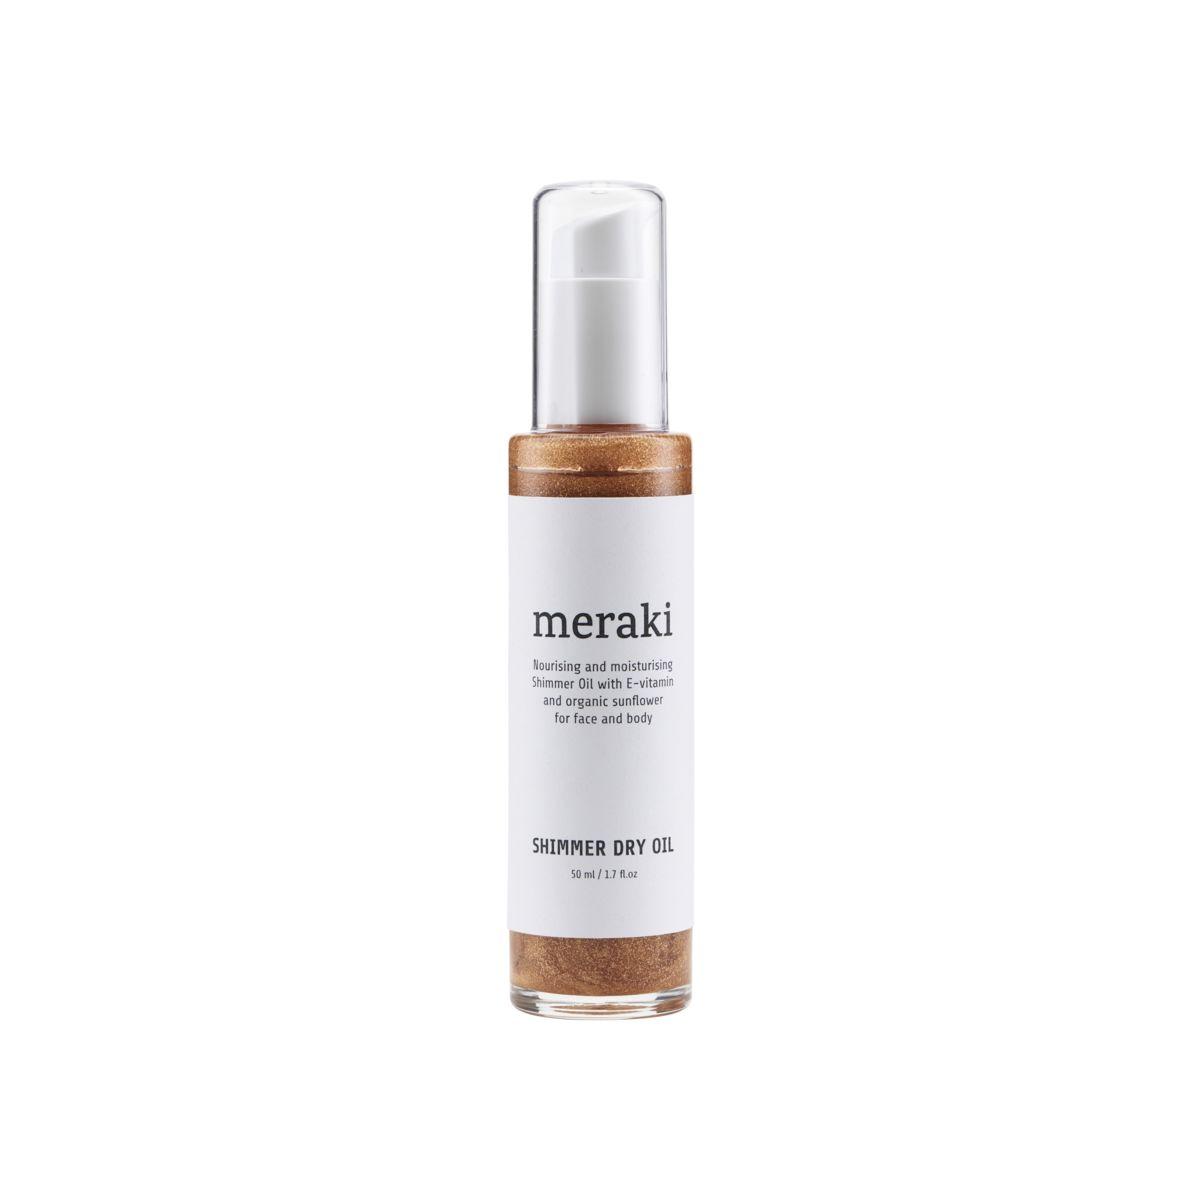 Meraki kropsolie Shimmer dry oil